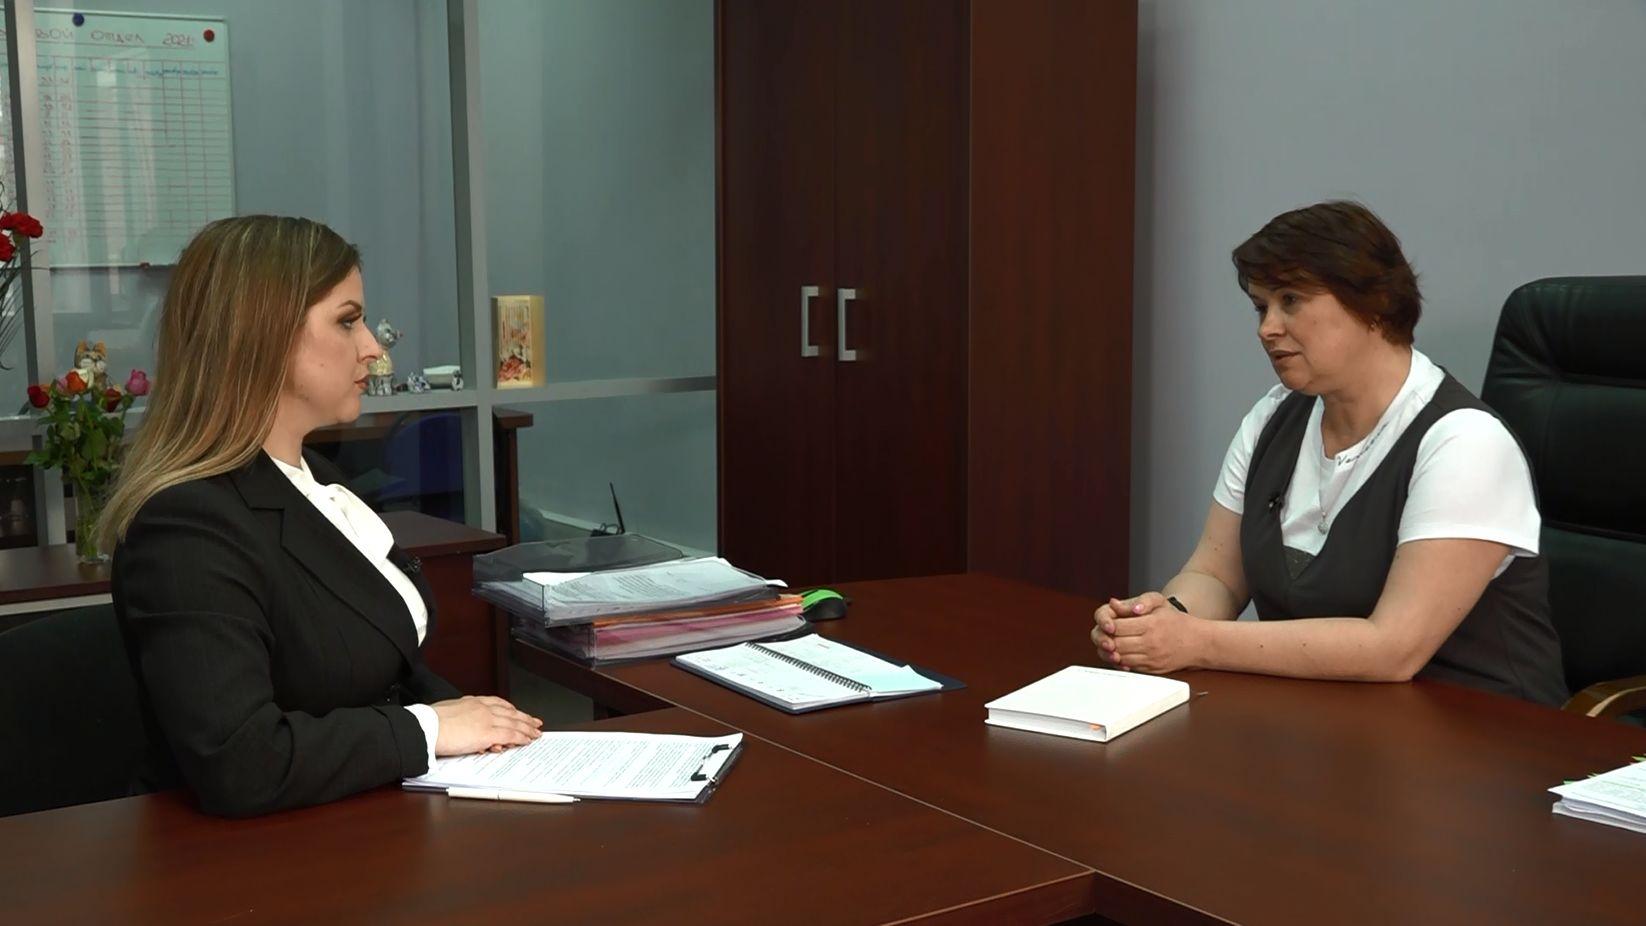 Программа «Ваш полис здоровья»: Юлия Осипенко - о работе страховых представителей